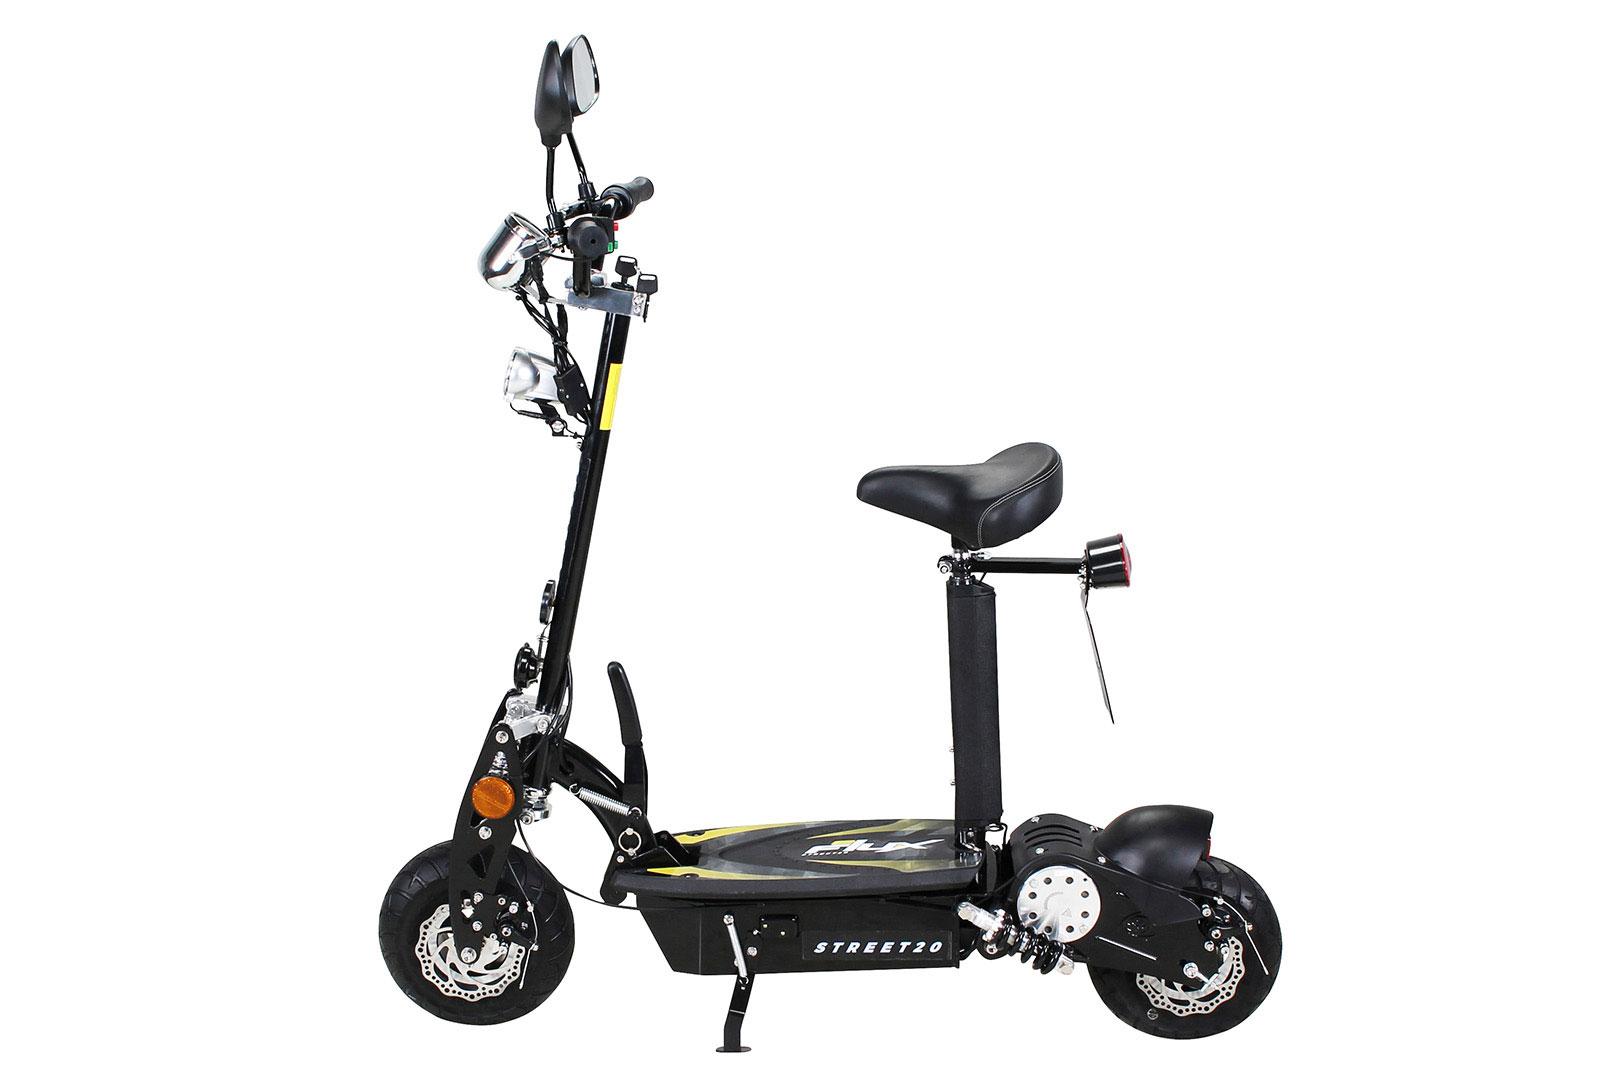 Elektroroller S20 schwarz mit Zulassung / E-Roller mit Sitz Bild 2